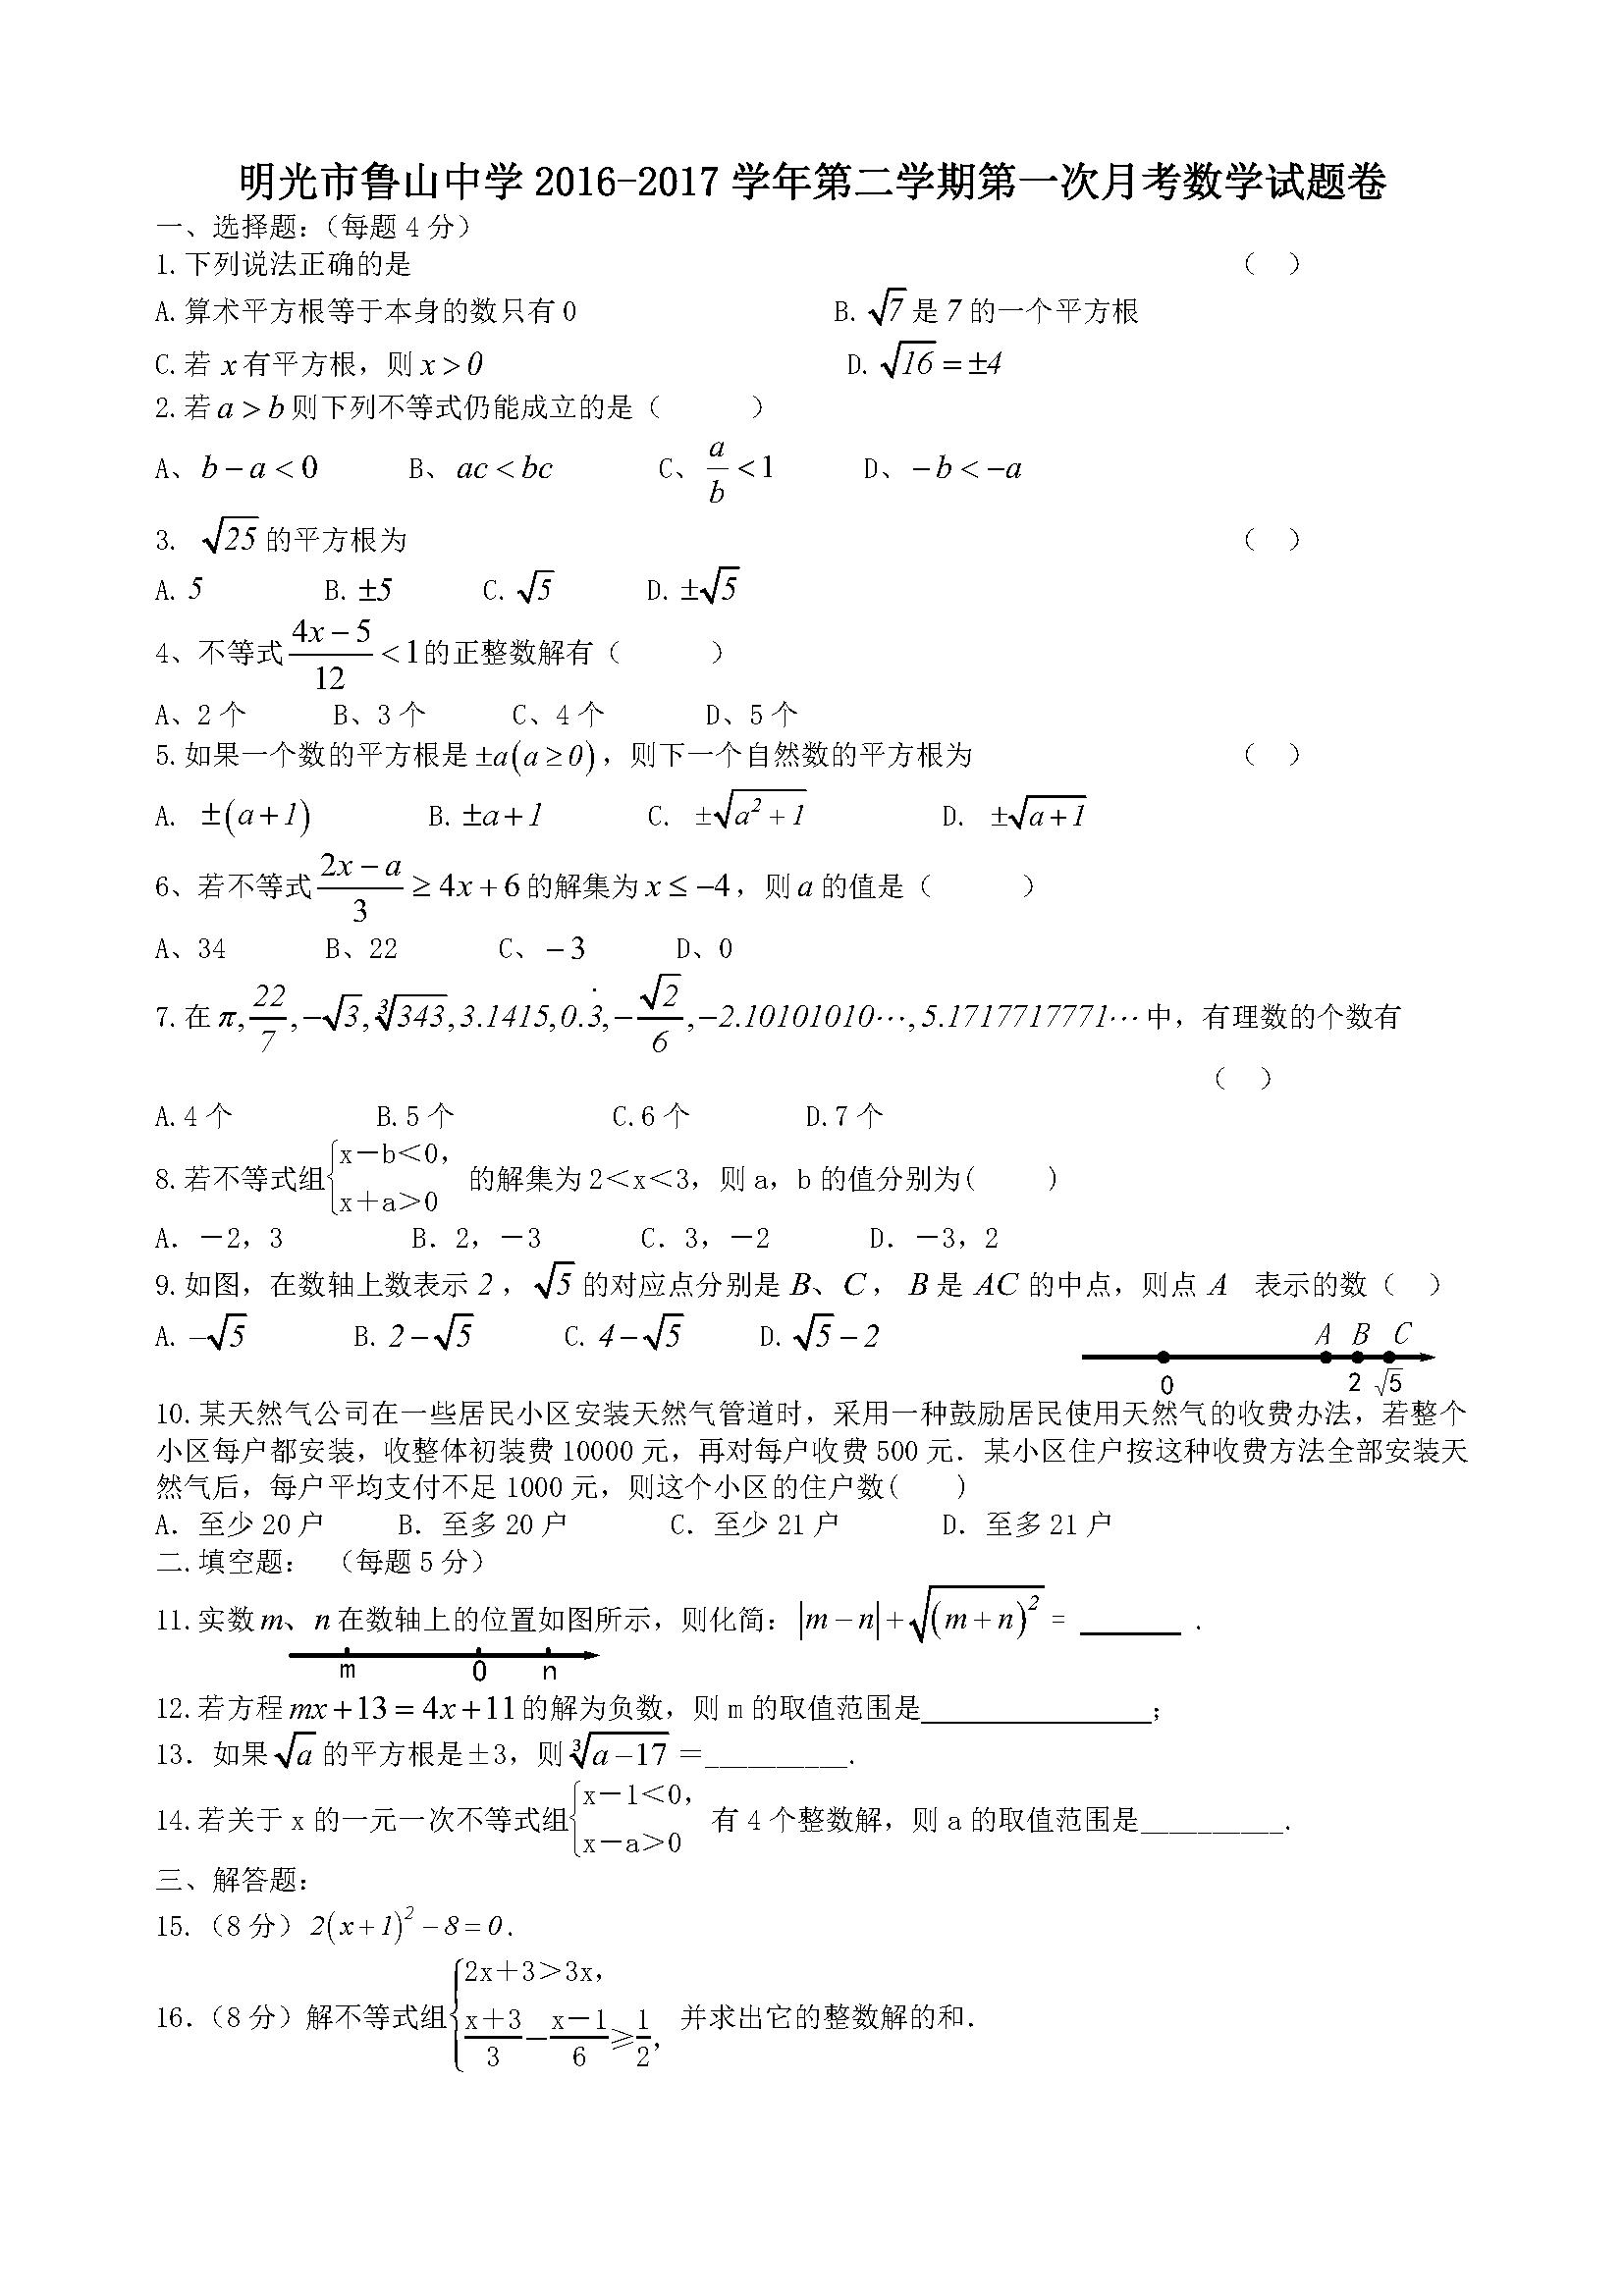 2017安徽明光鲁山中学度第二学期第一次月考七年级数学试卷(Word版)